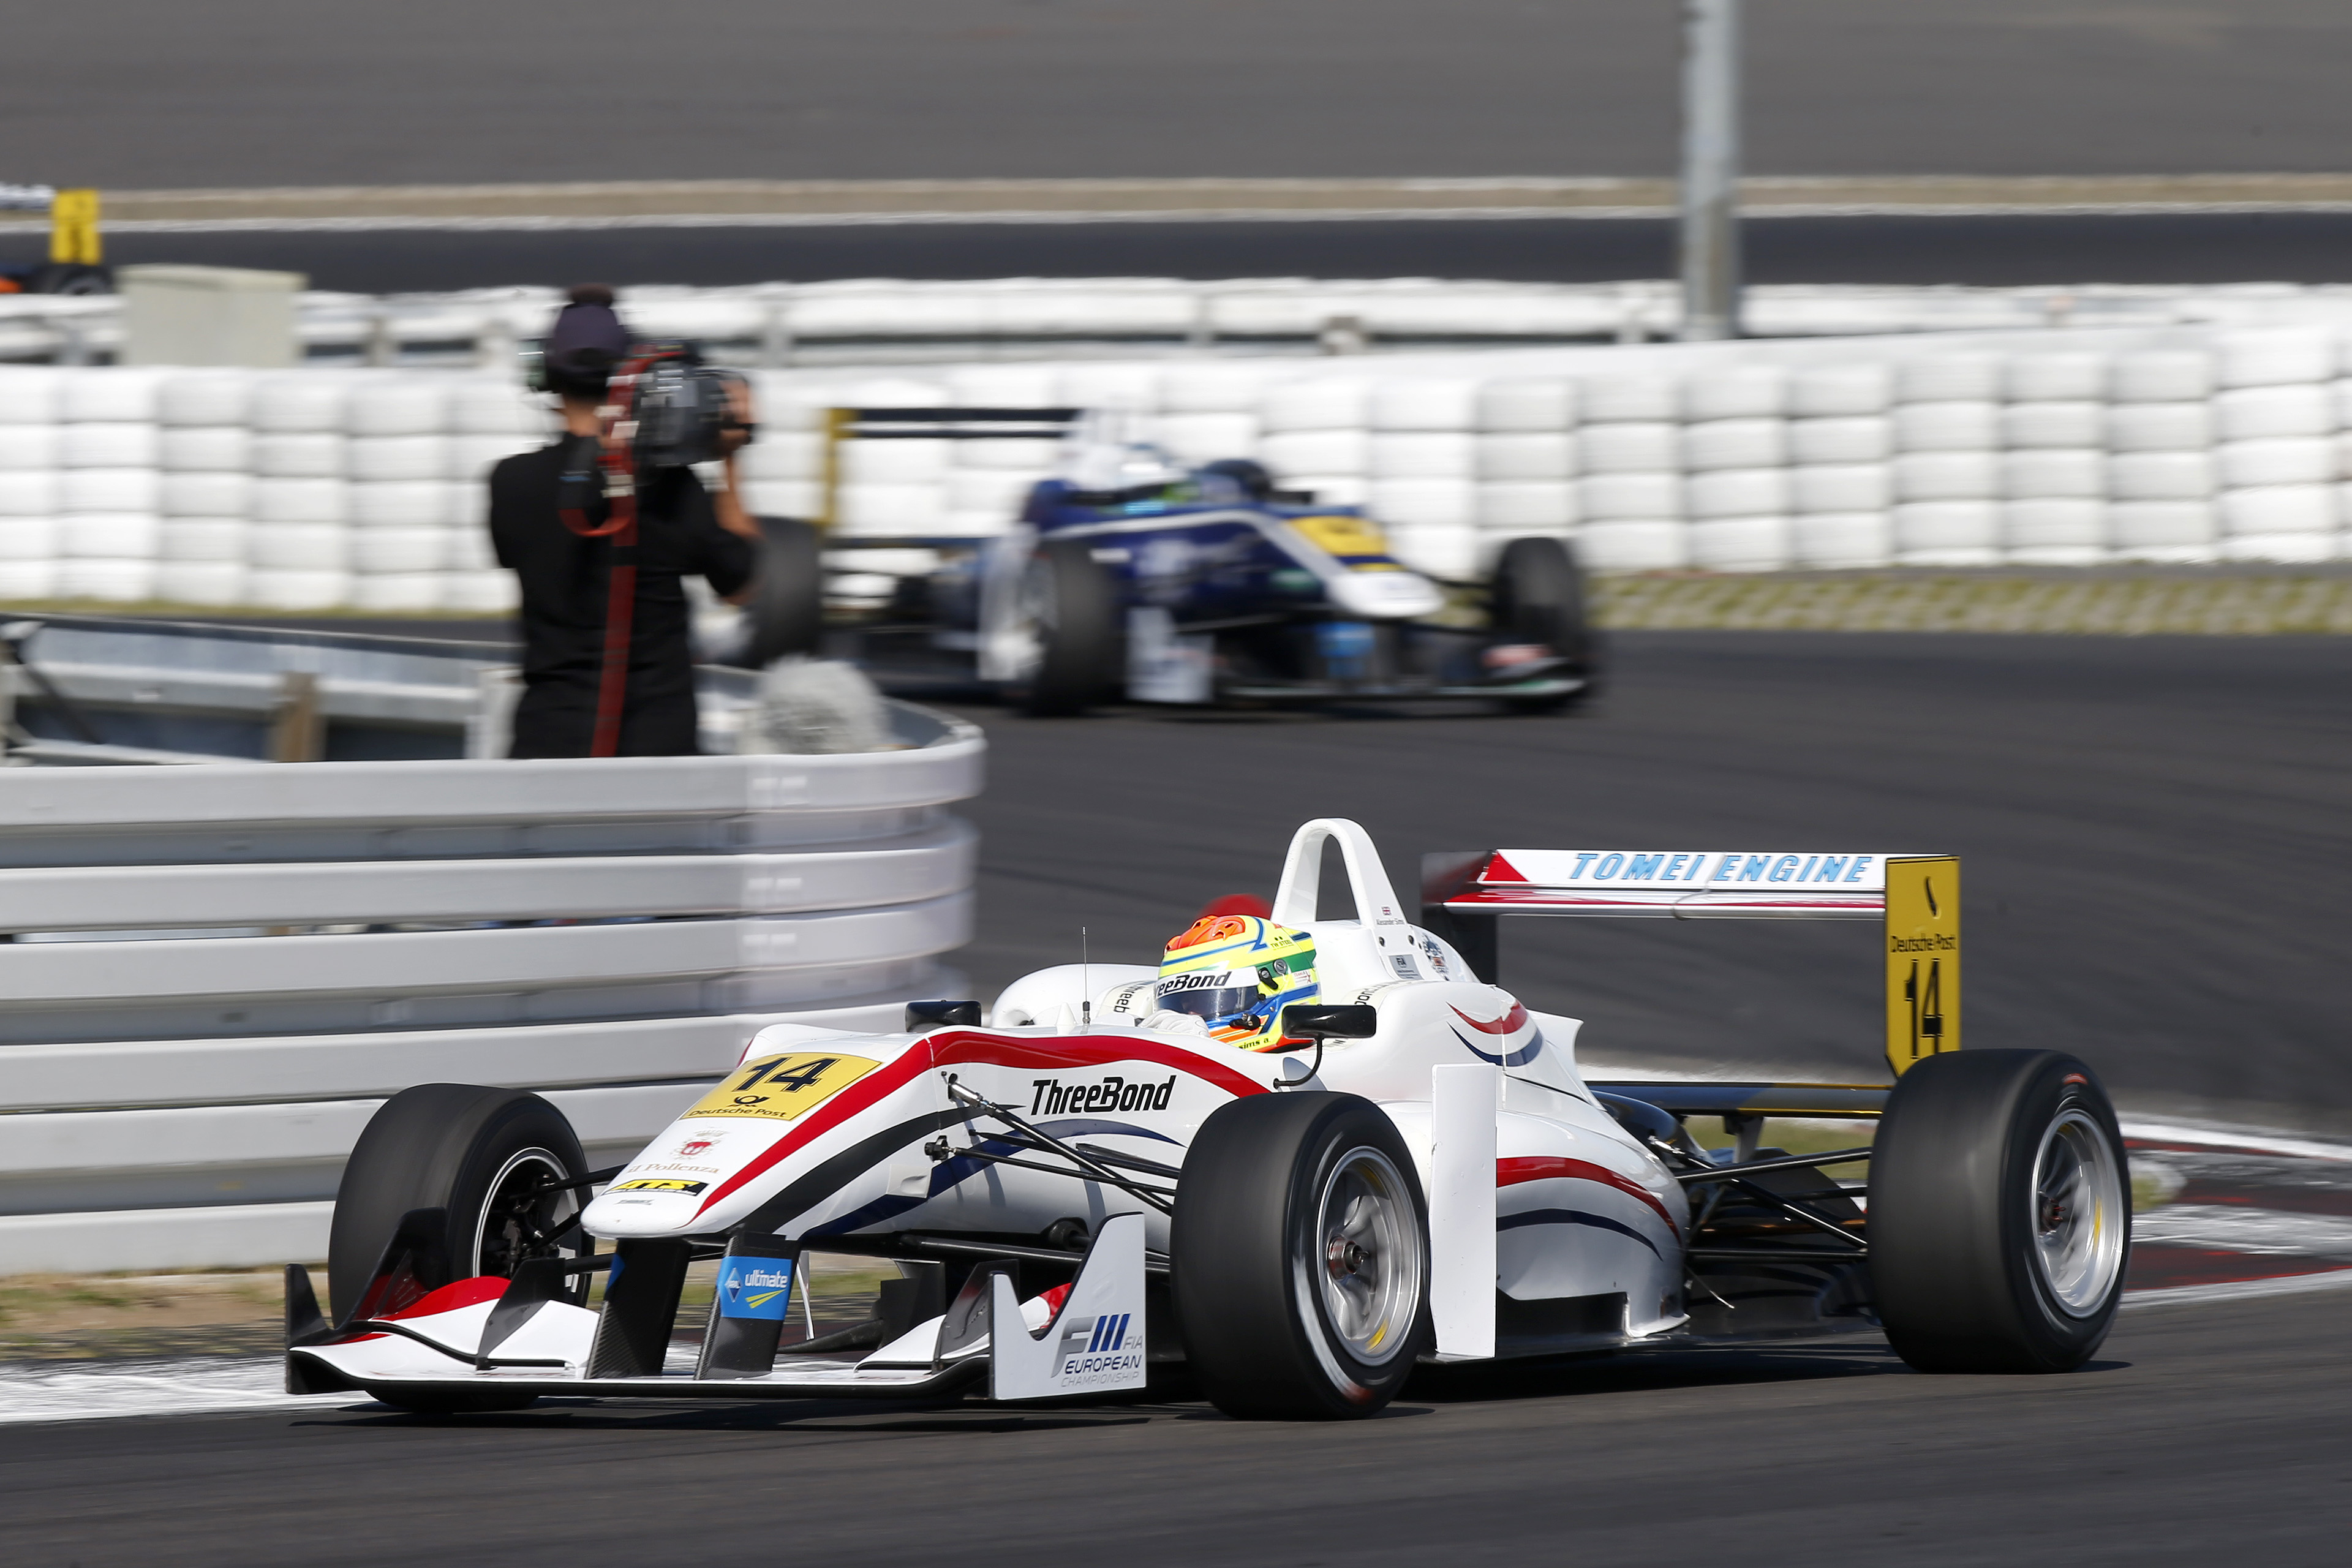 F3 European Championship 2013 - Nurburgring